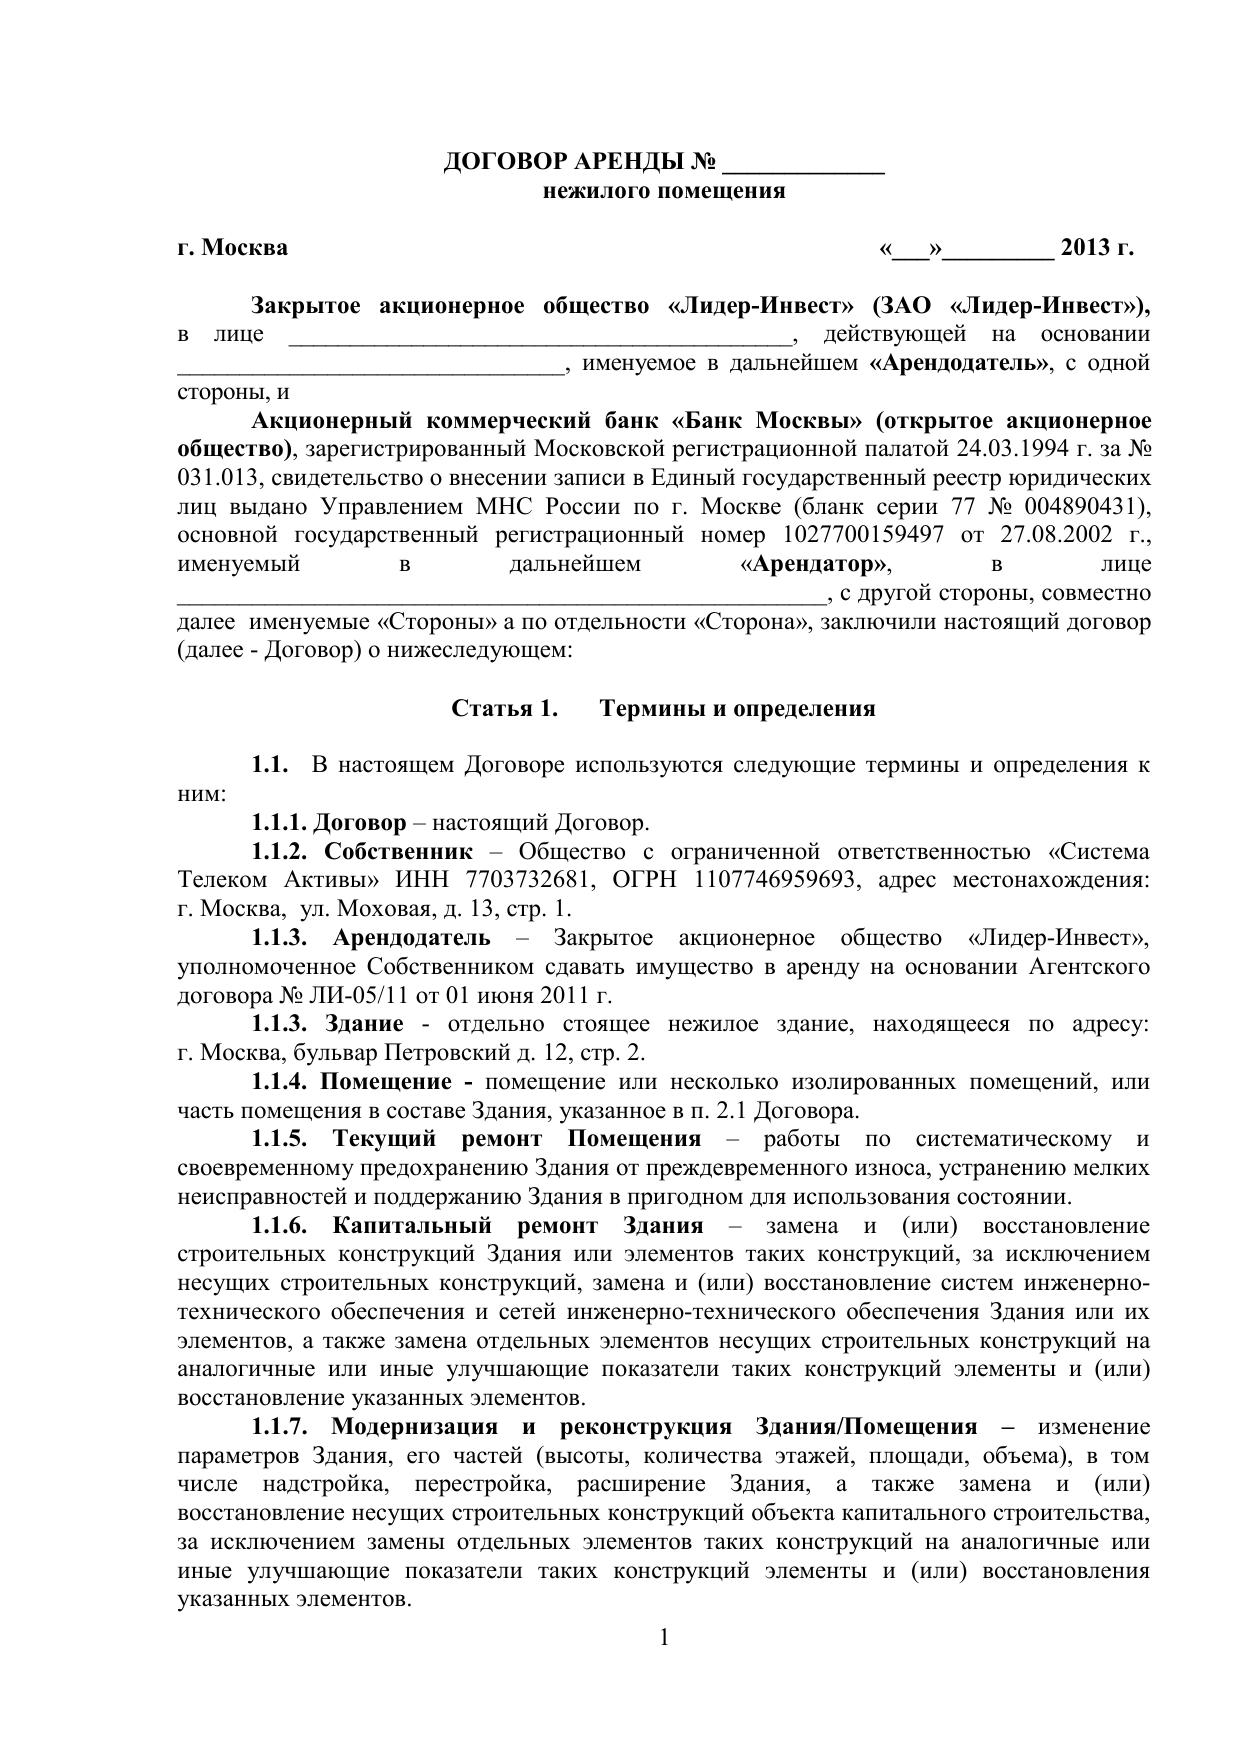 Договор аренды нежилого помещения: образец